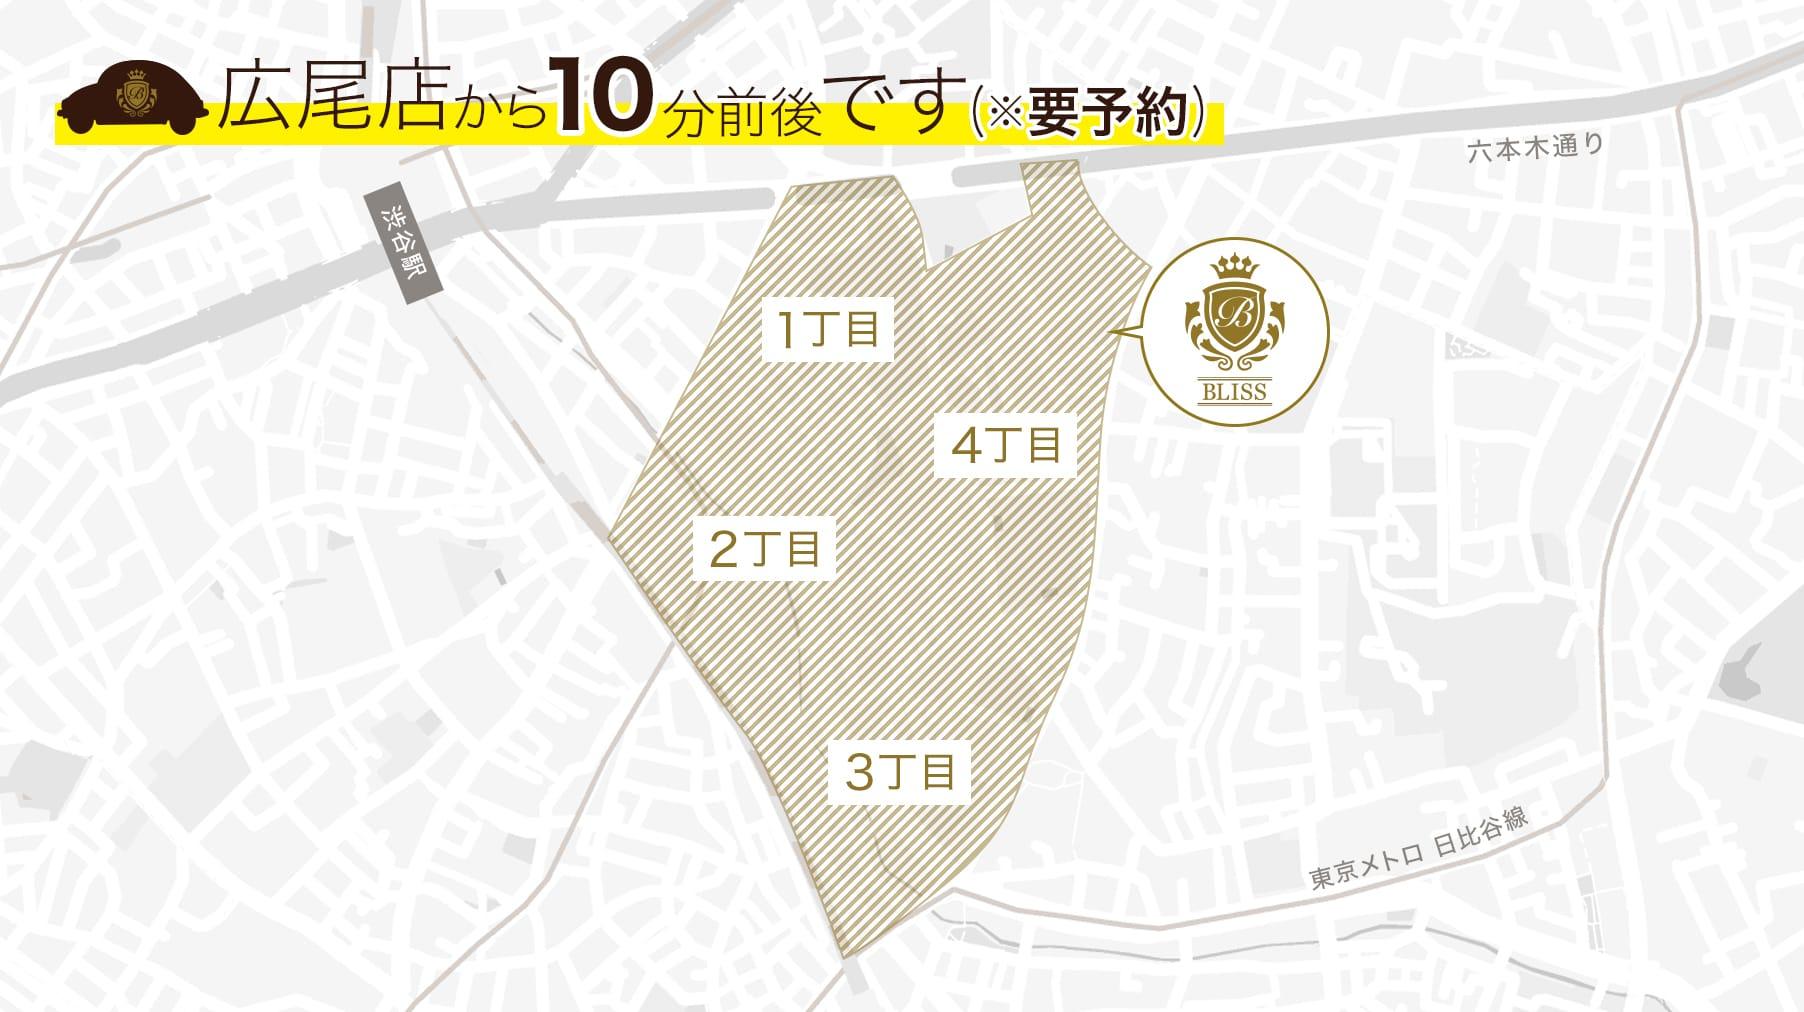 無料送迎地域【東エリア】